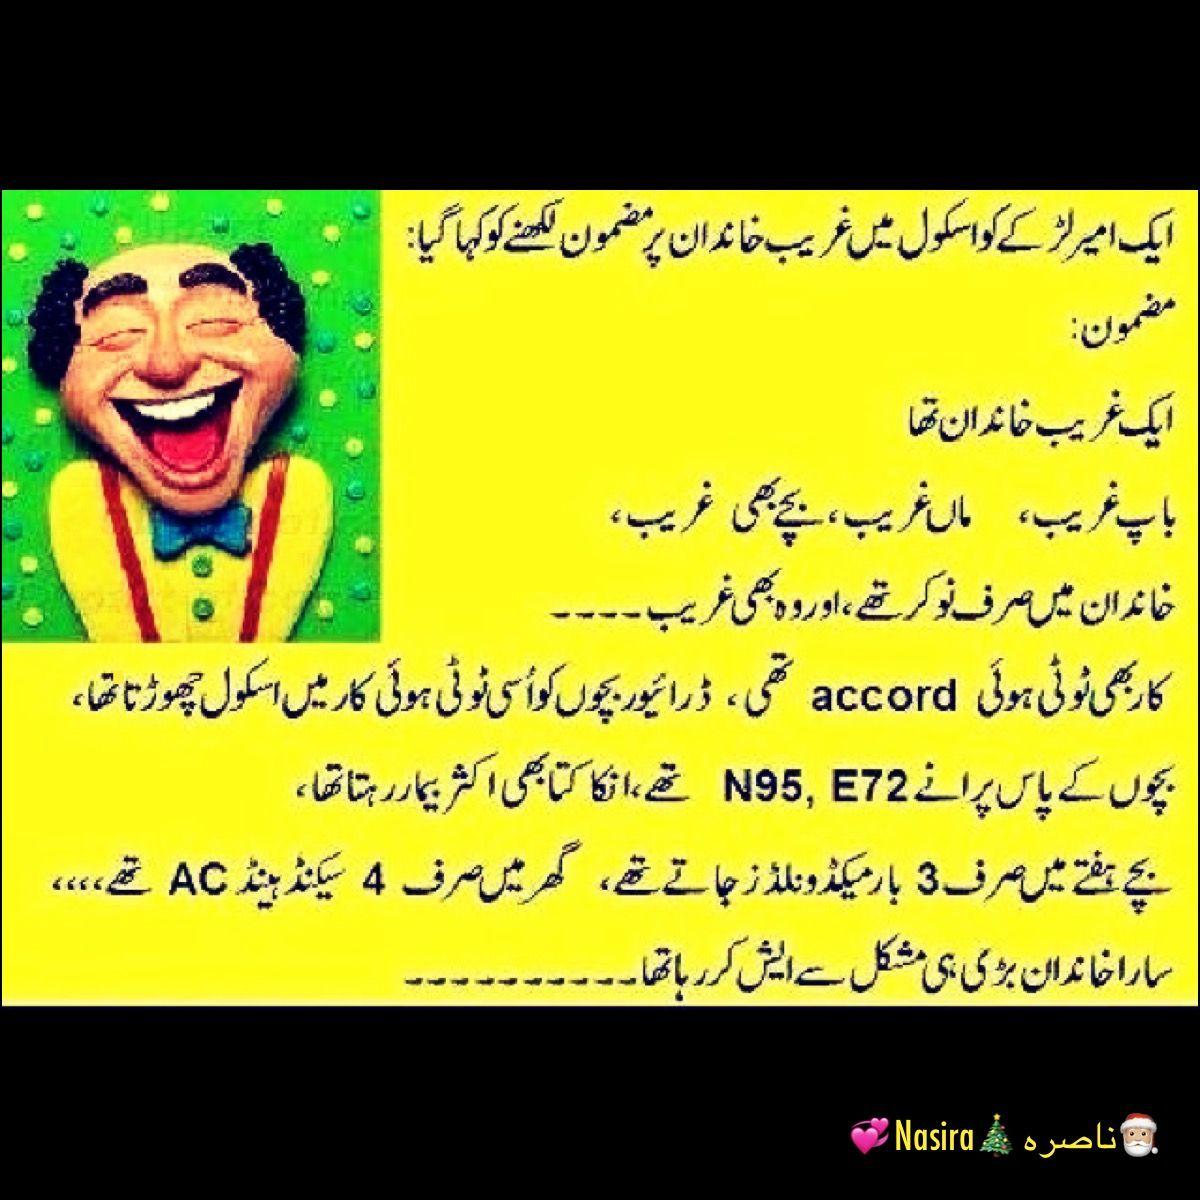 Pin by Nasira Ahmad on An Urdu Funny joke Funny jokes